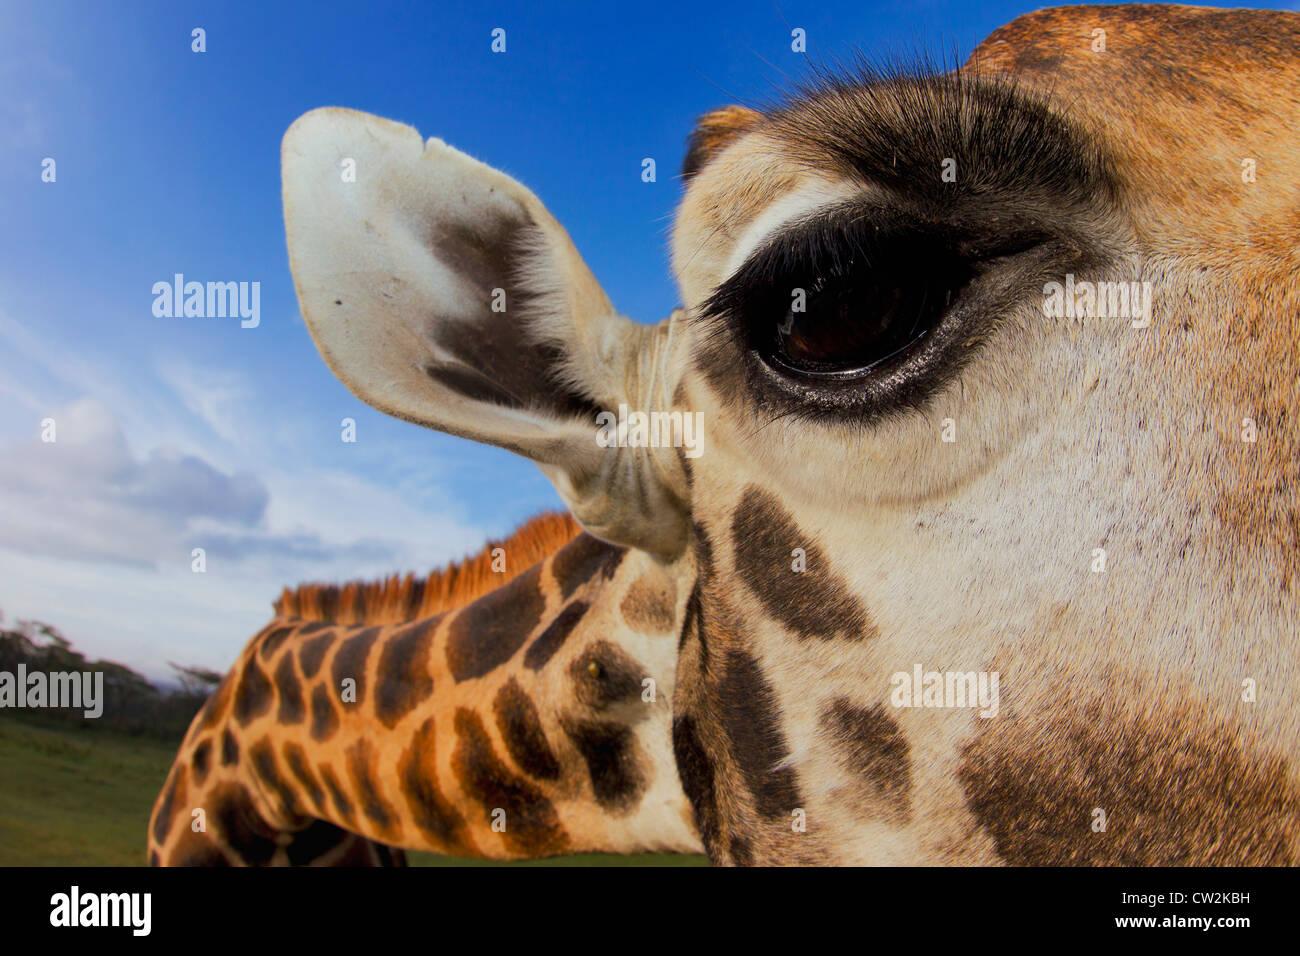 Close-up de girafas Rothschild (Giraffa camelopardalis rothschildi) ojo. Imagen De Stock